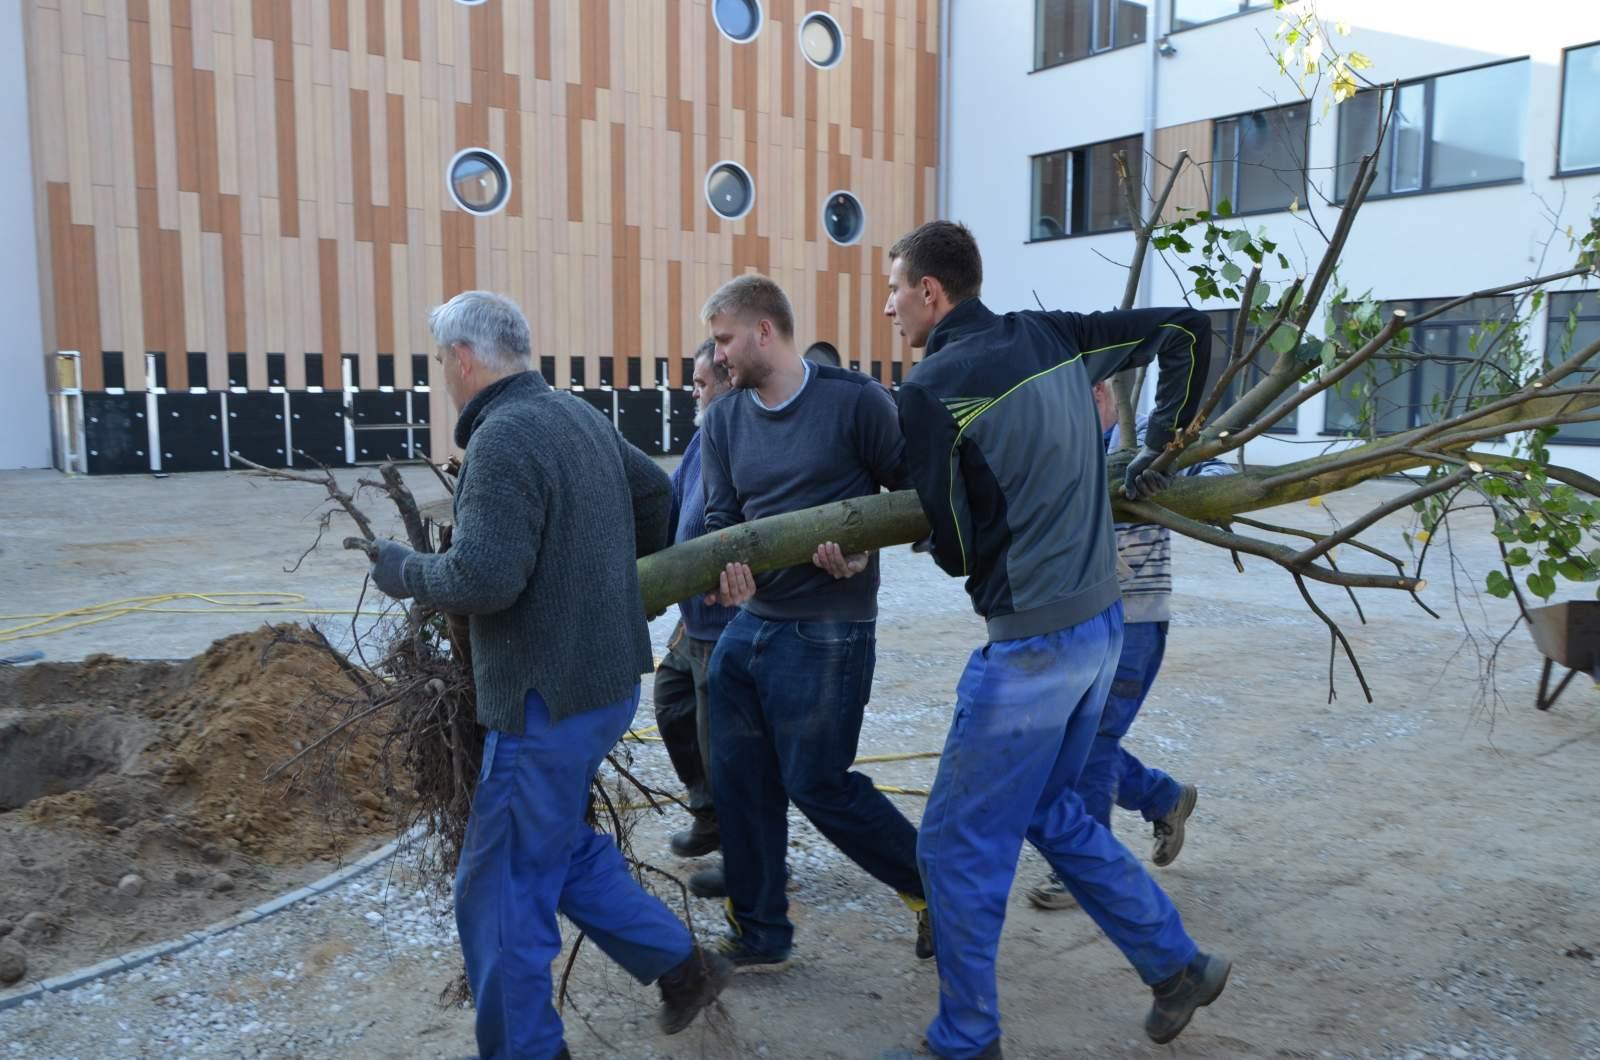 Lipa przesadzona do nowego gimnazjum  Foto: UG Dopiewo / Adam Mendrala